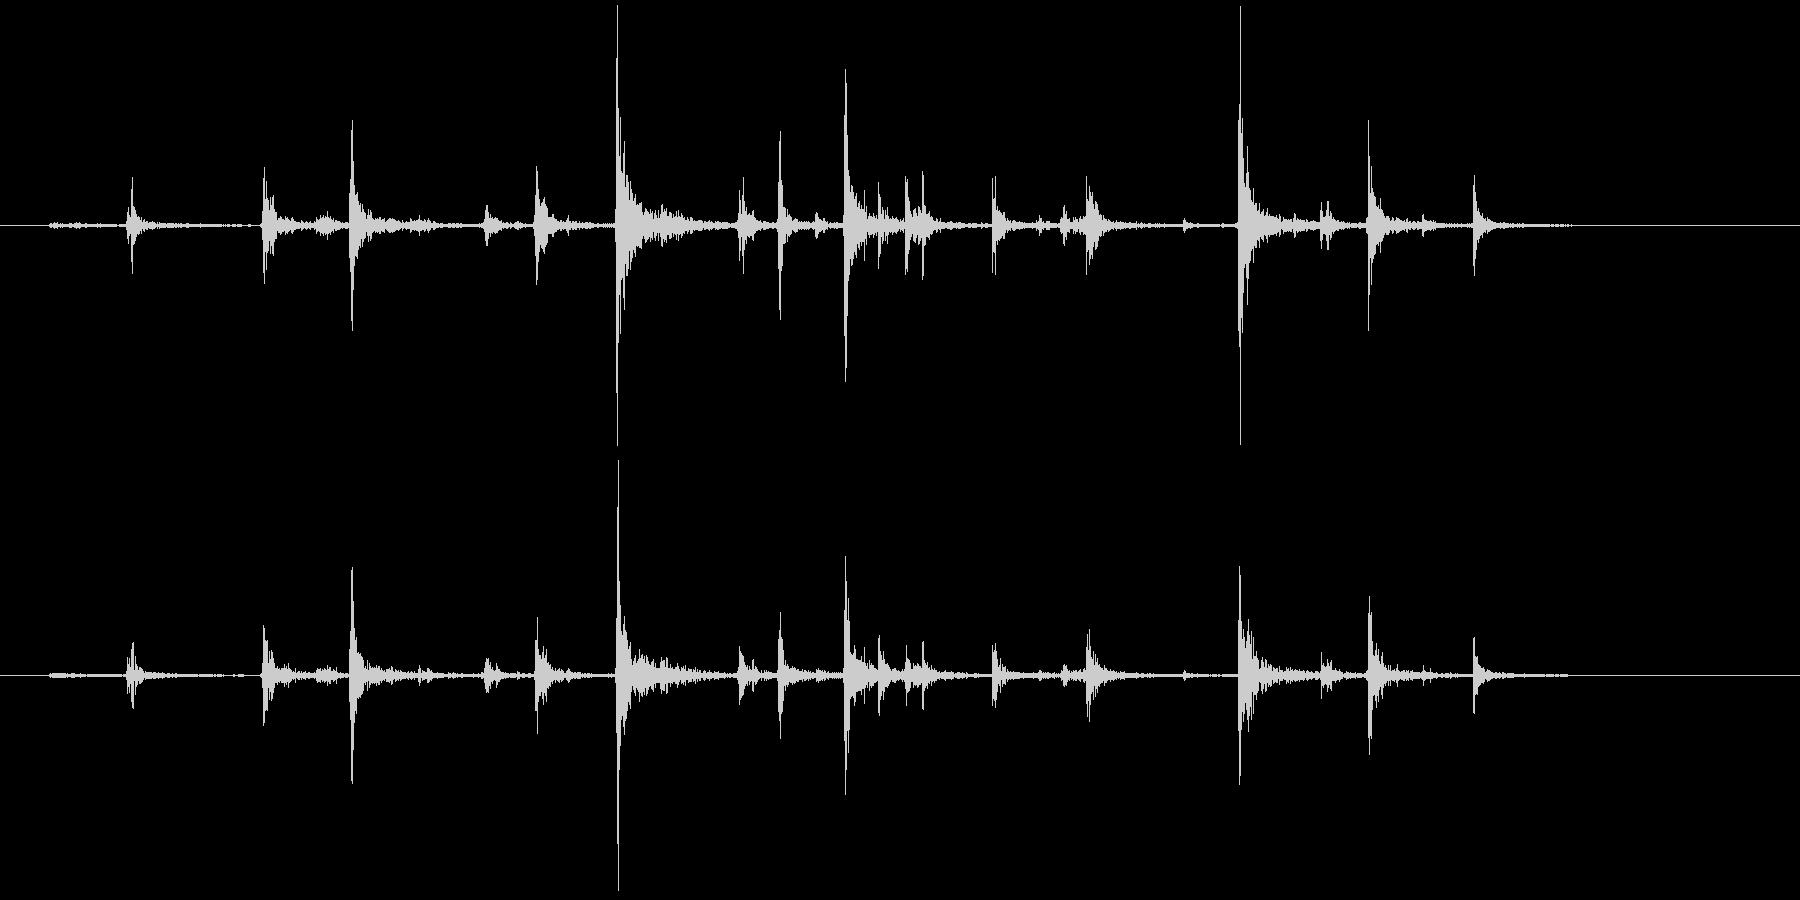 PCキーボード入力4の未再生の波形